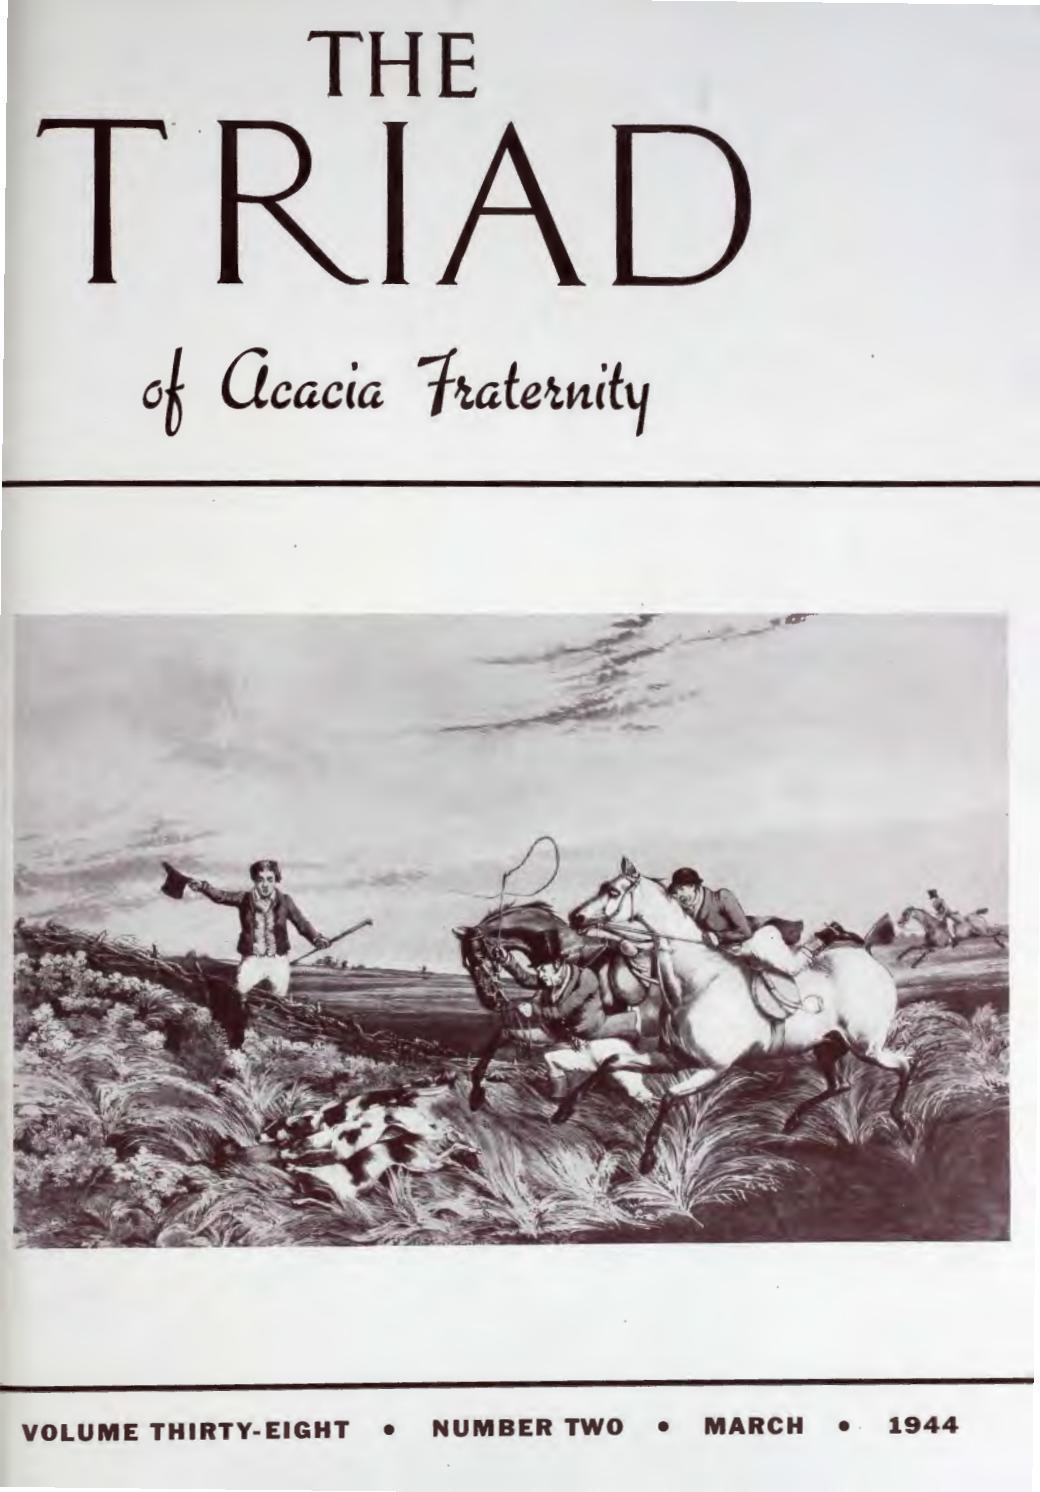 Acacia triad vol 38 no 2 mar 1944 by Acacia Fraternity - issuu